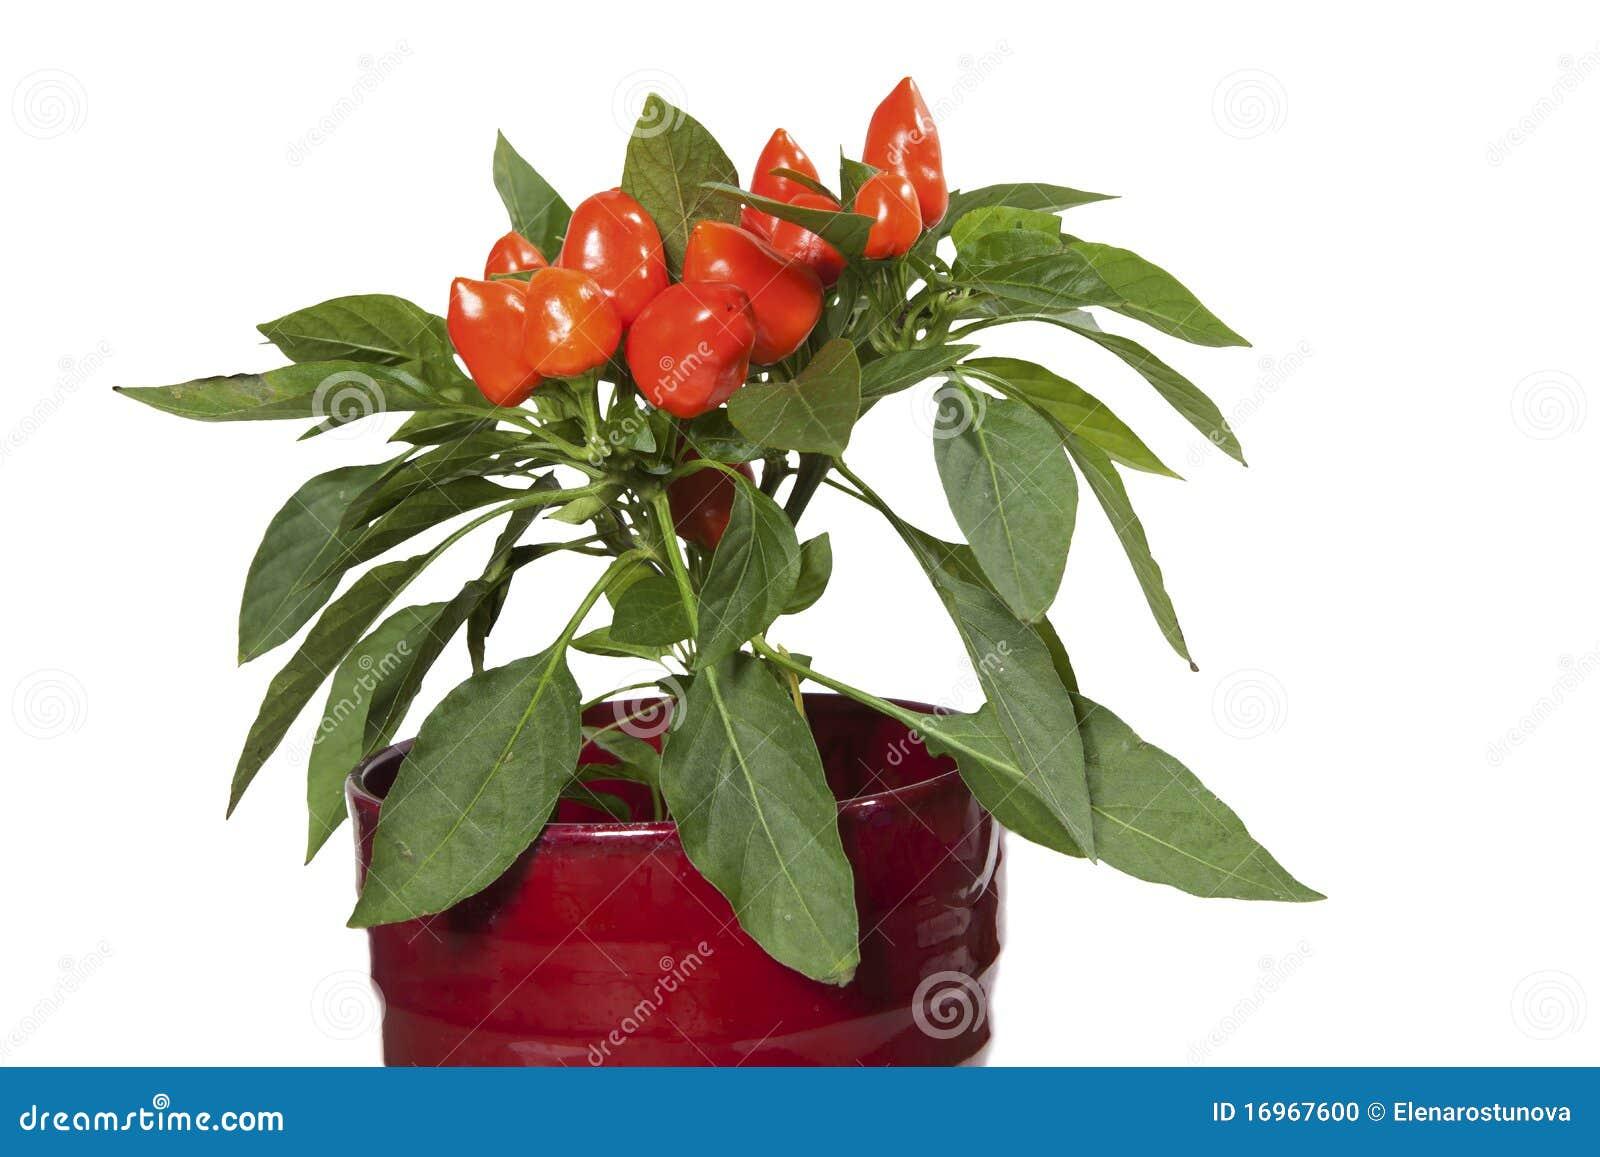 Plantas ornamentales rojas del pimiento foto de archivo for Concepto de plantas ornamentales